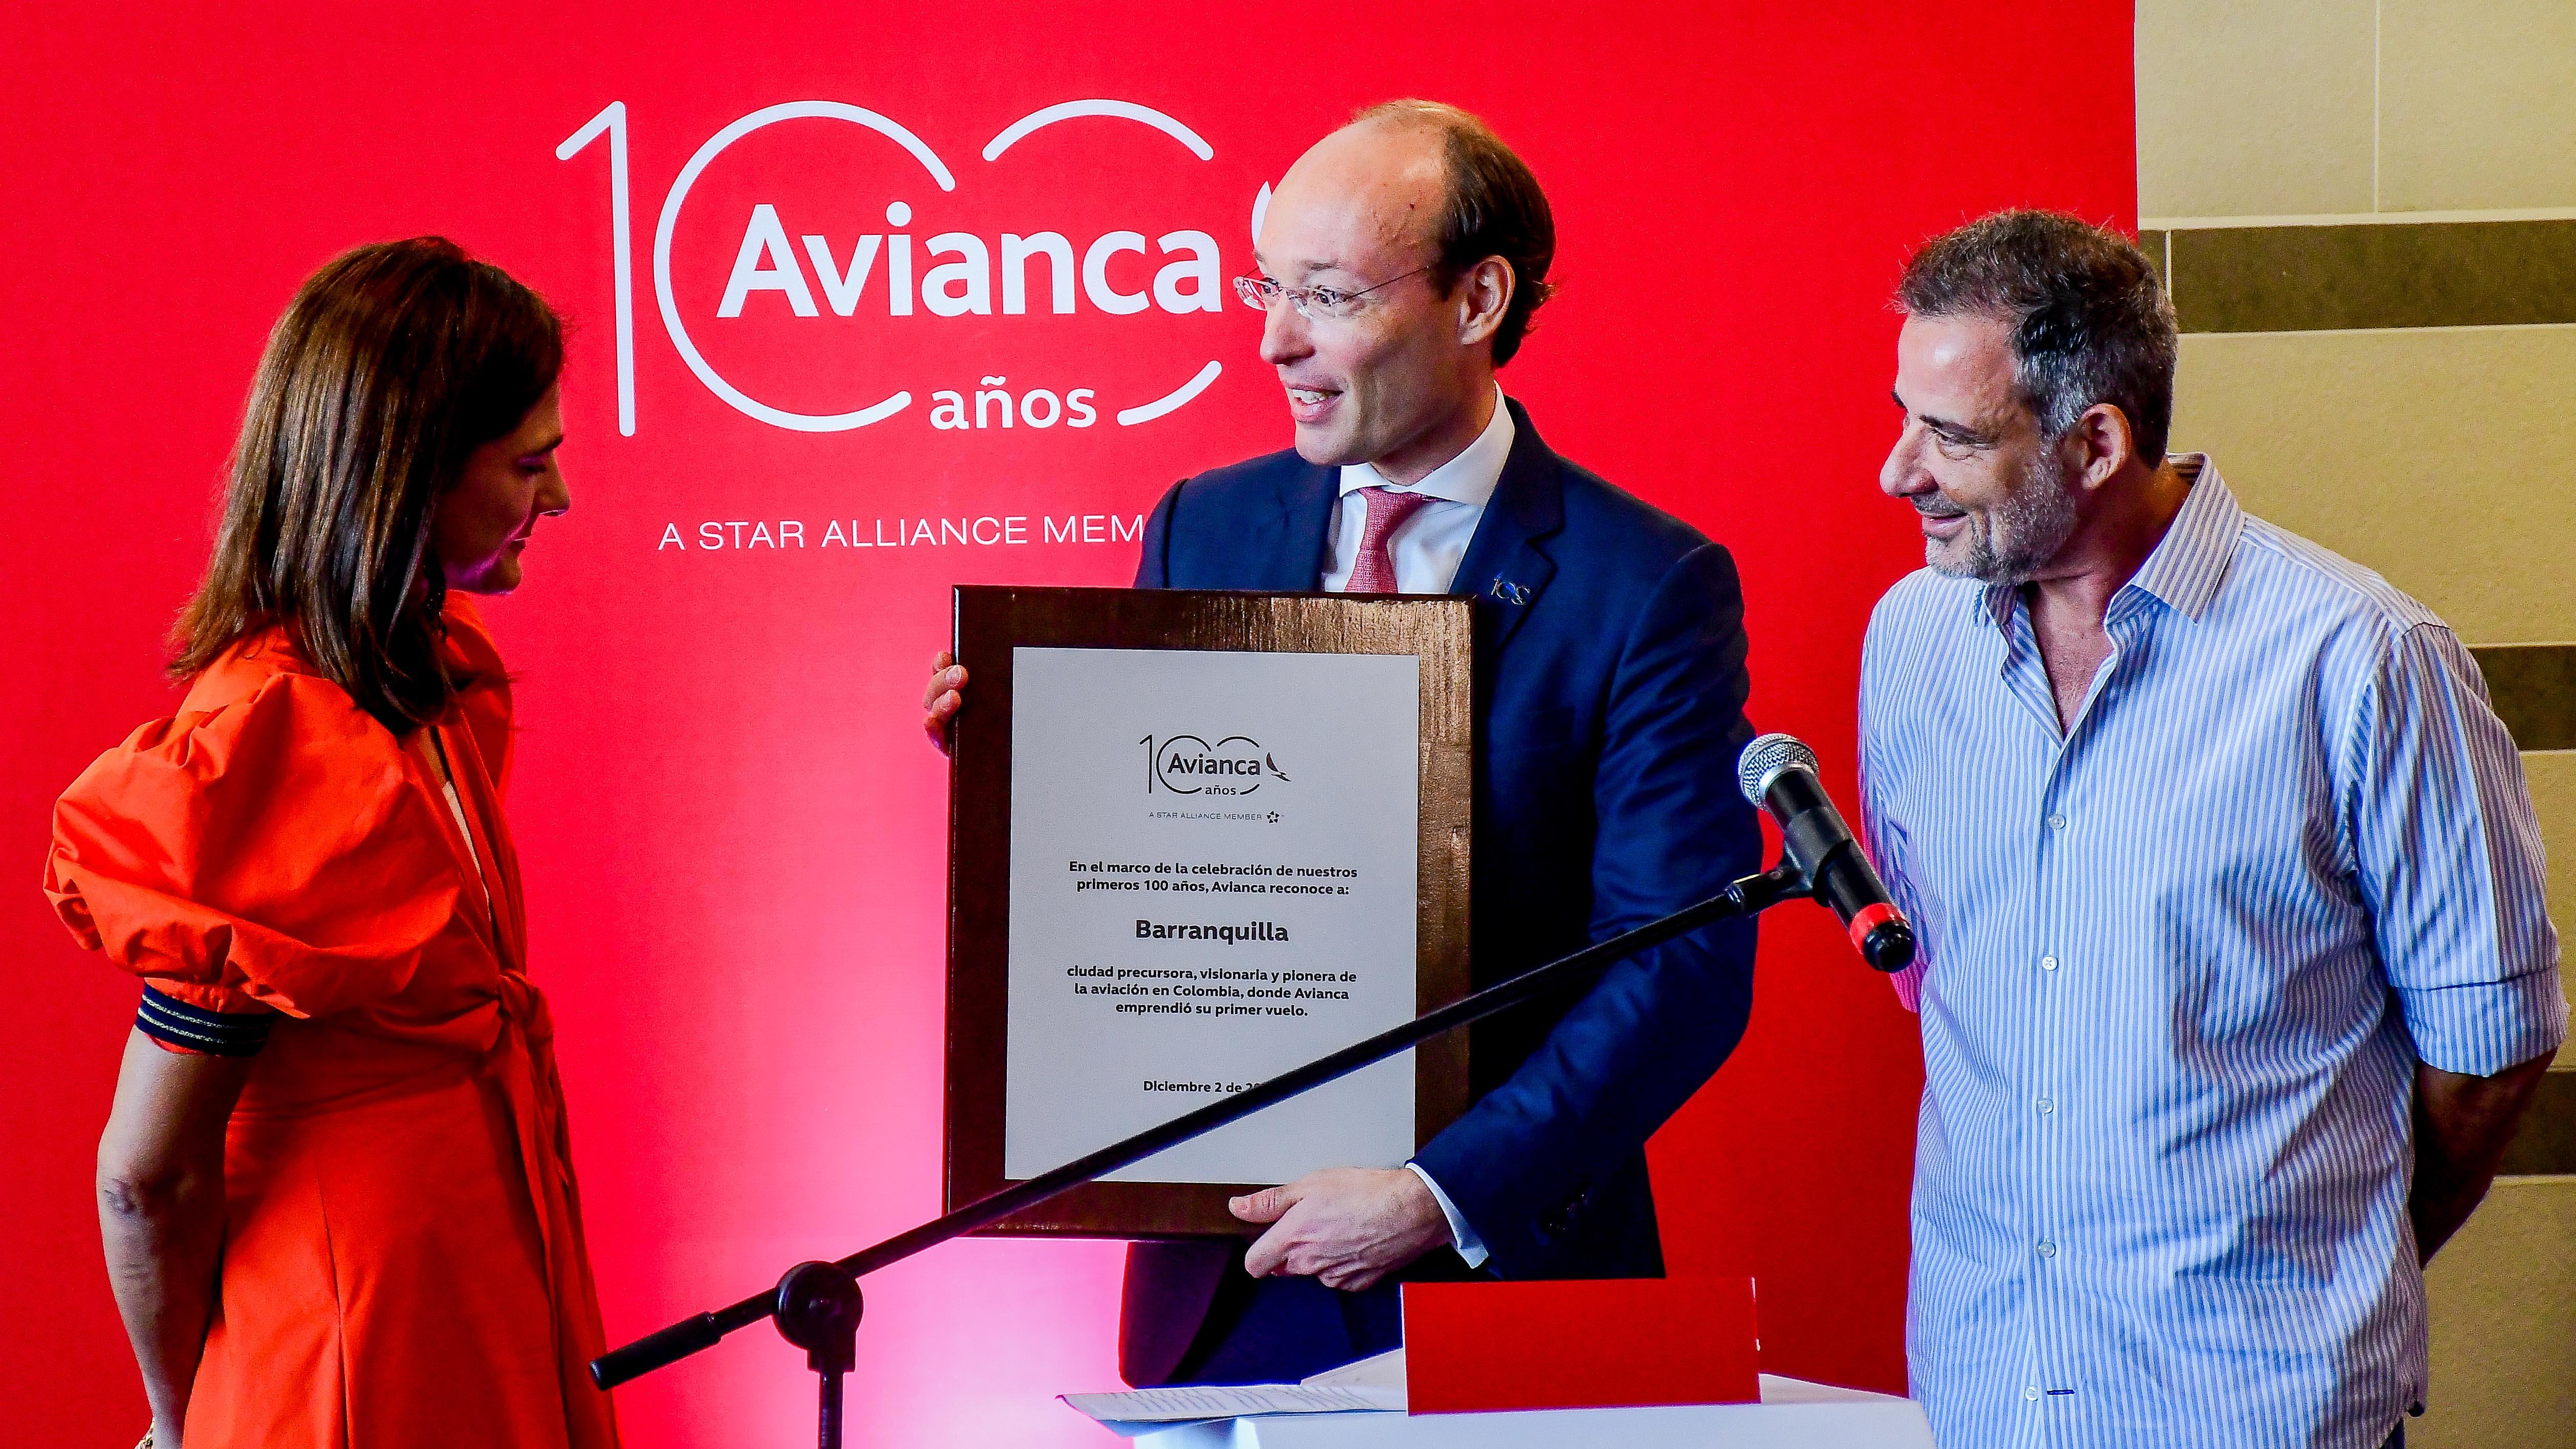 La ministra de Transporte, Ángela María Orozco, el CEO de Avianca, Anko van der Werff, y el secretario de Cultura, Juan José Jaramillo.